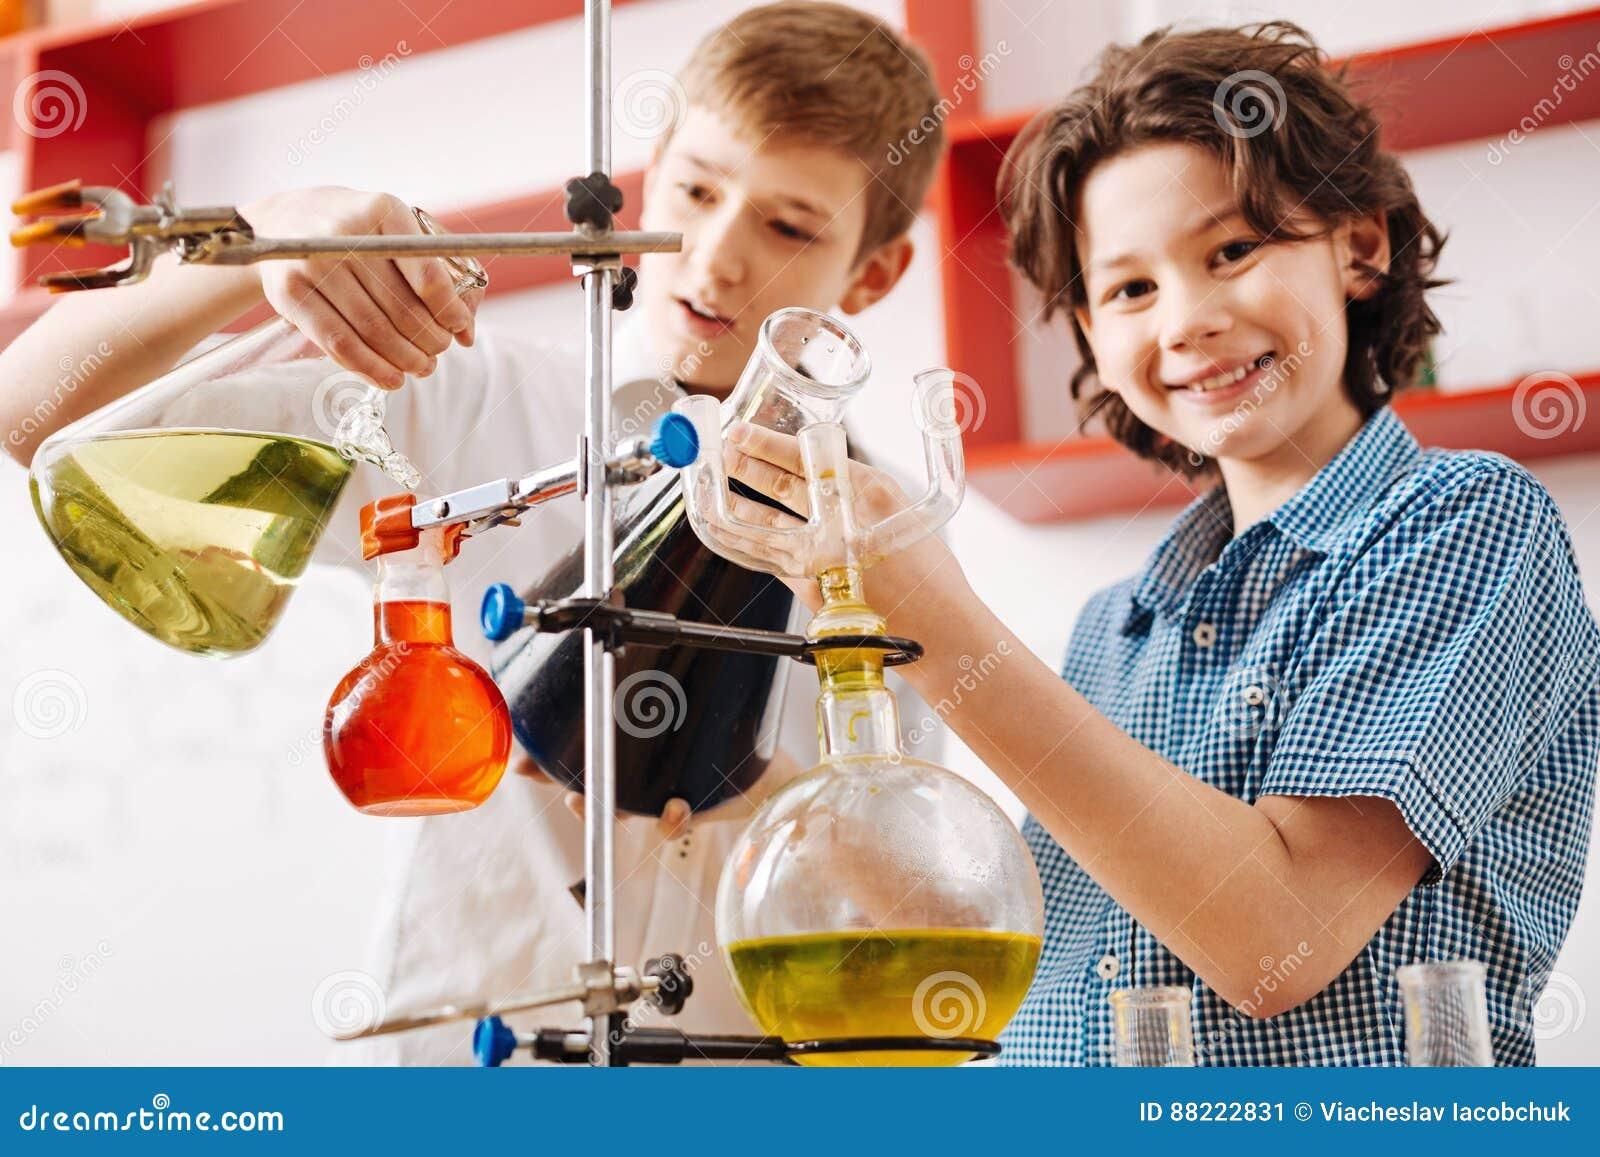 Positieve nieuwsgierige jongens die een wetenschappelijke club bezoeken